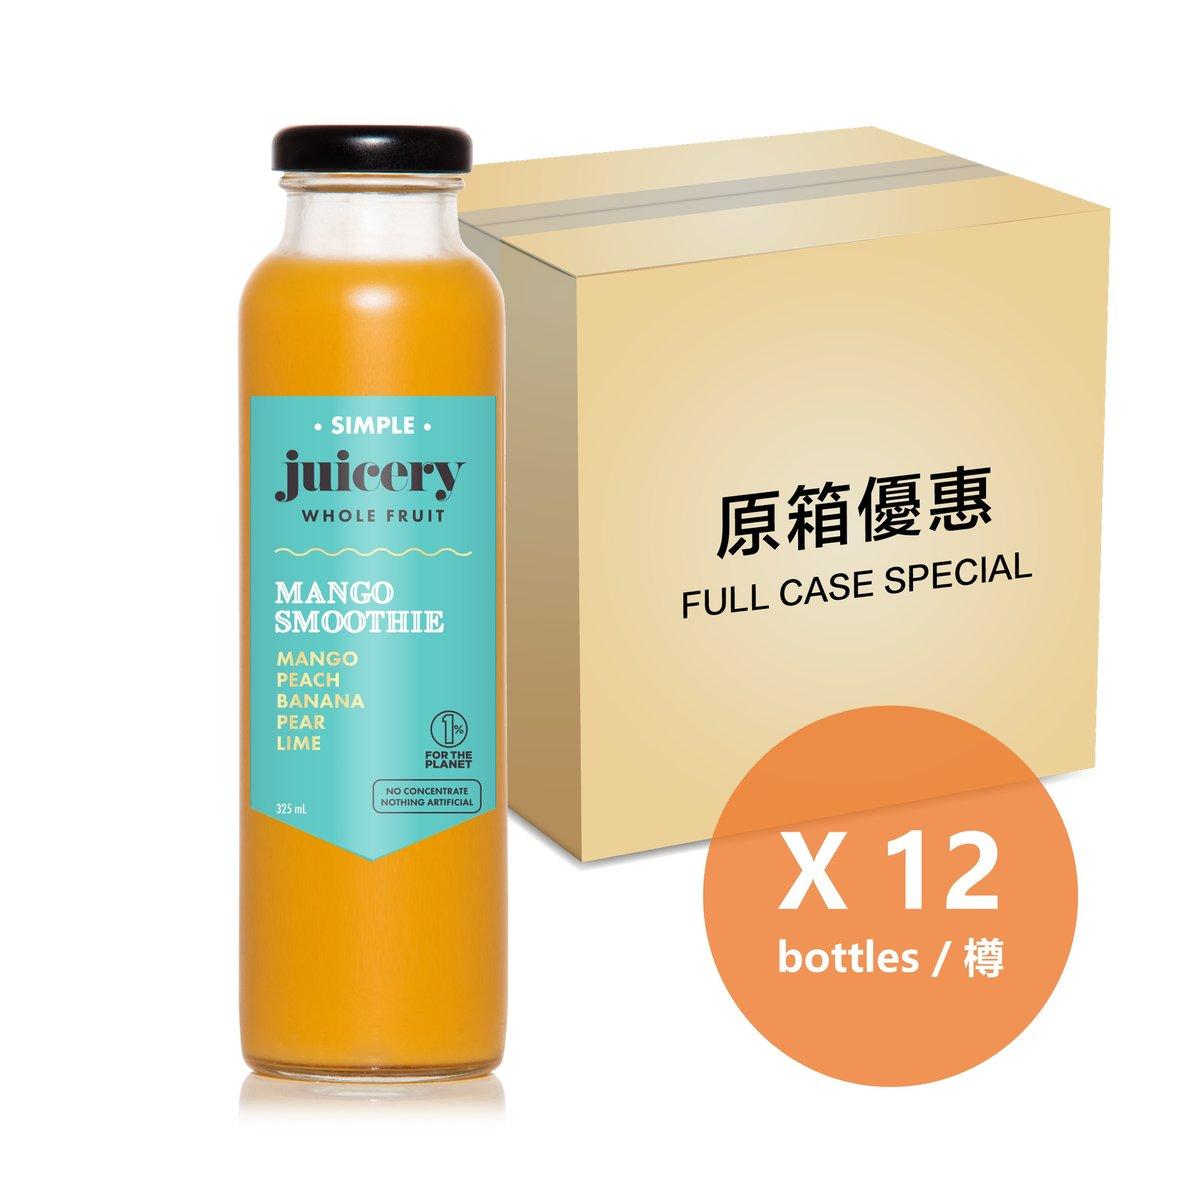 [原箱] 香芒蜜桃果汁 - 325毫升樽裝